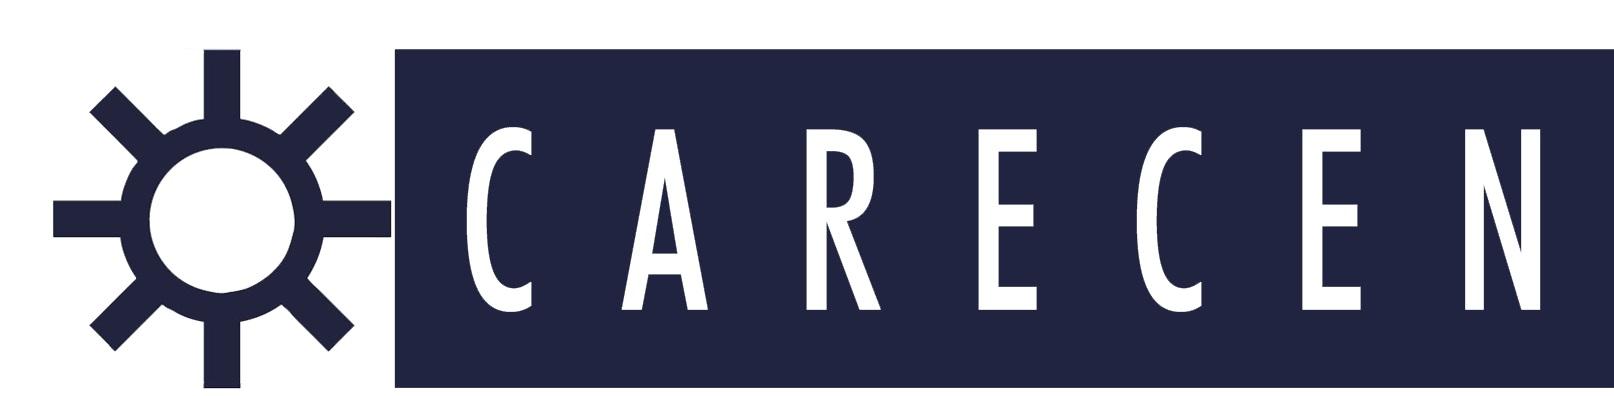 CARECEN_Long_Logo.png